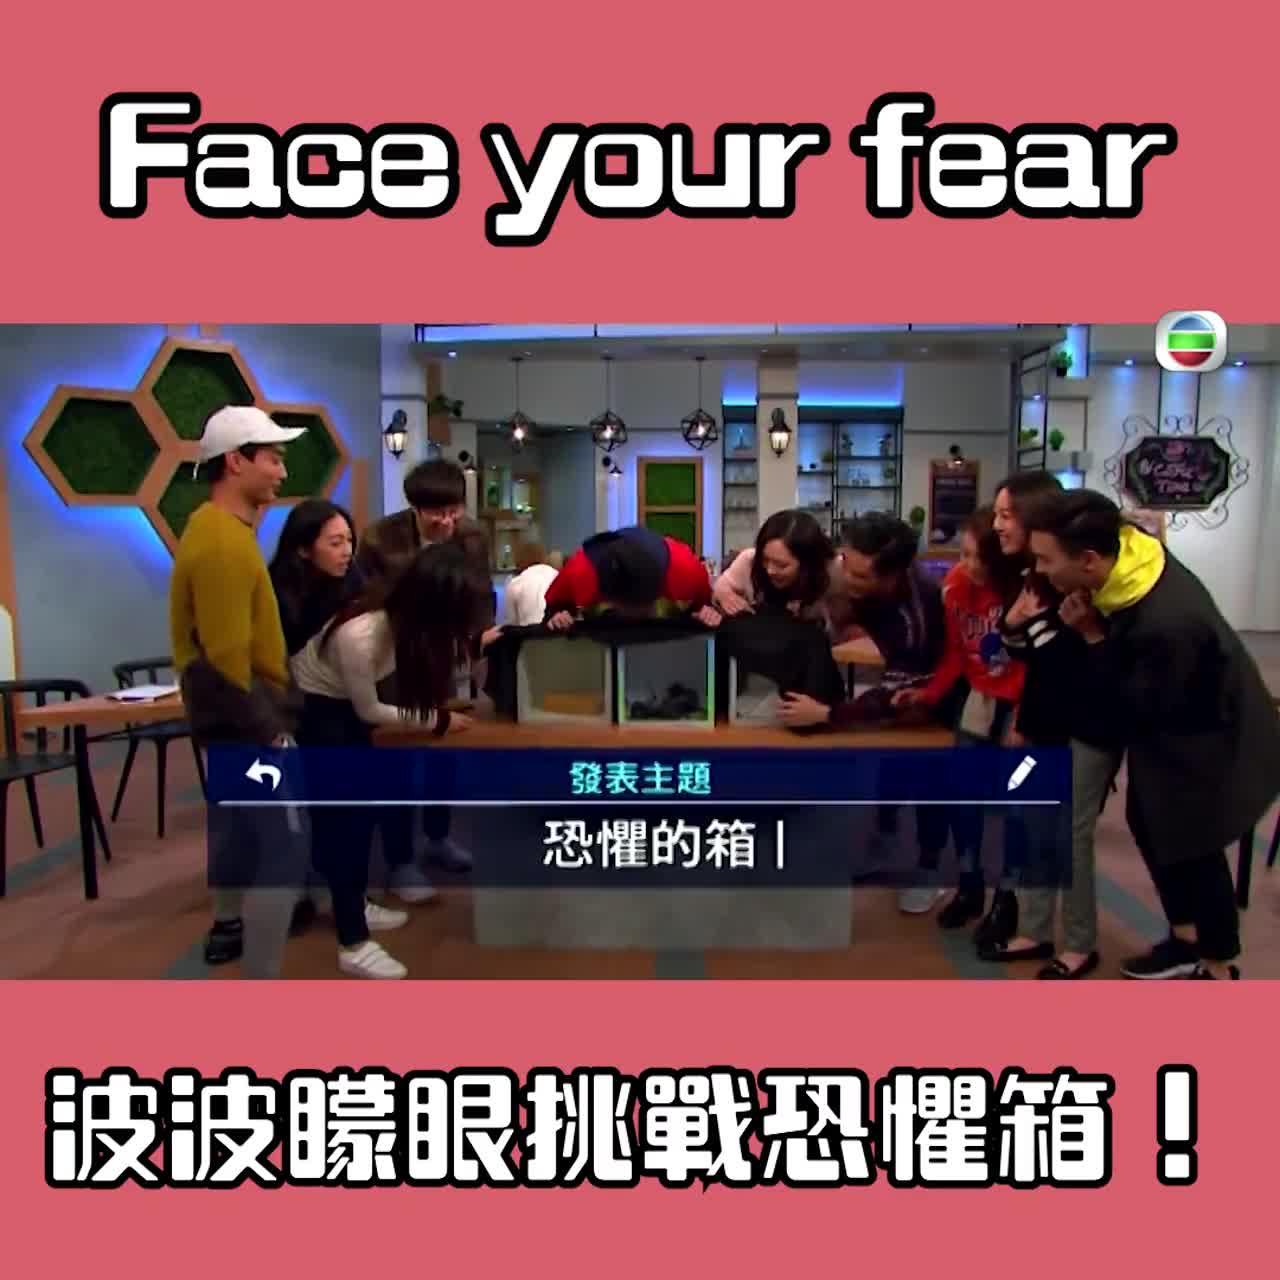 #後生仔傾吓偈:Face your fear! 波波矇眼挑戰恐懼箱!